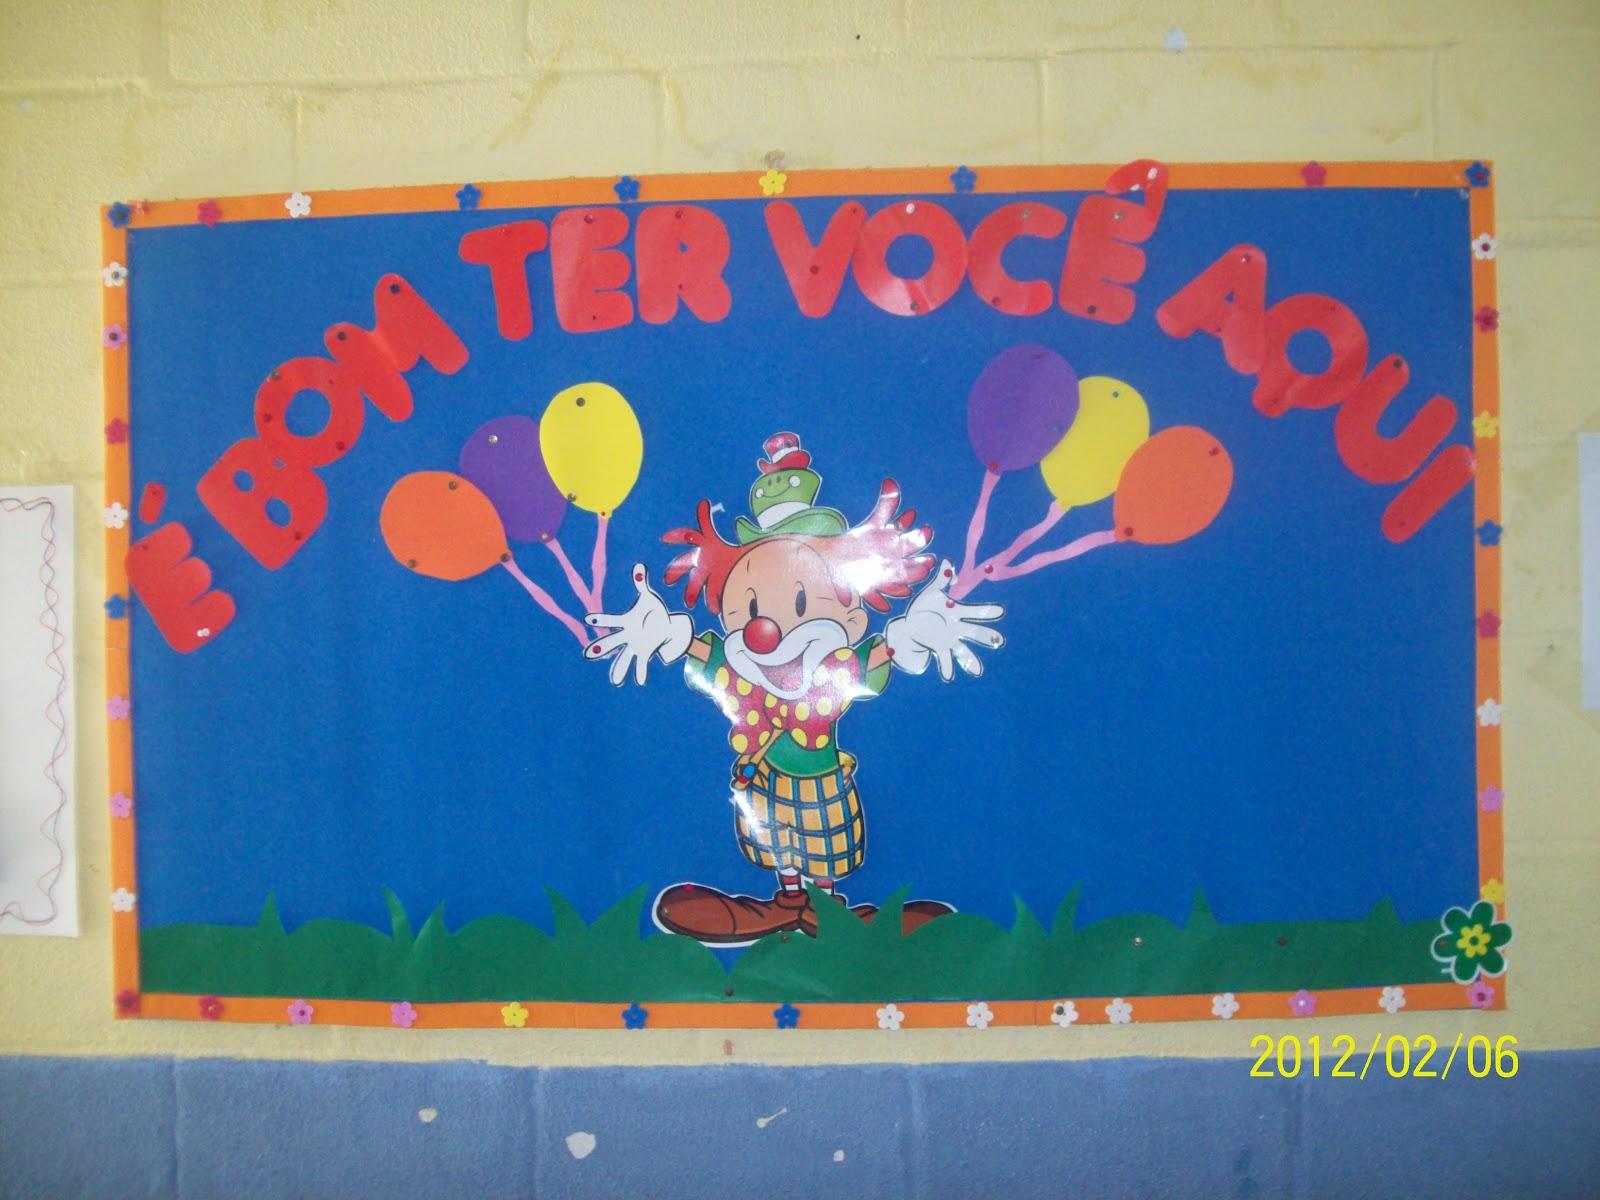 """decoracao de sala aula educacao infantil : decoracao de sala aula educacao infantil:EDUCAÇÃO INFANTIL CRIATIVA: DECORAÇÃO PARA SALA DE AULA """"CRECHE"""